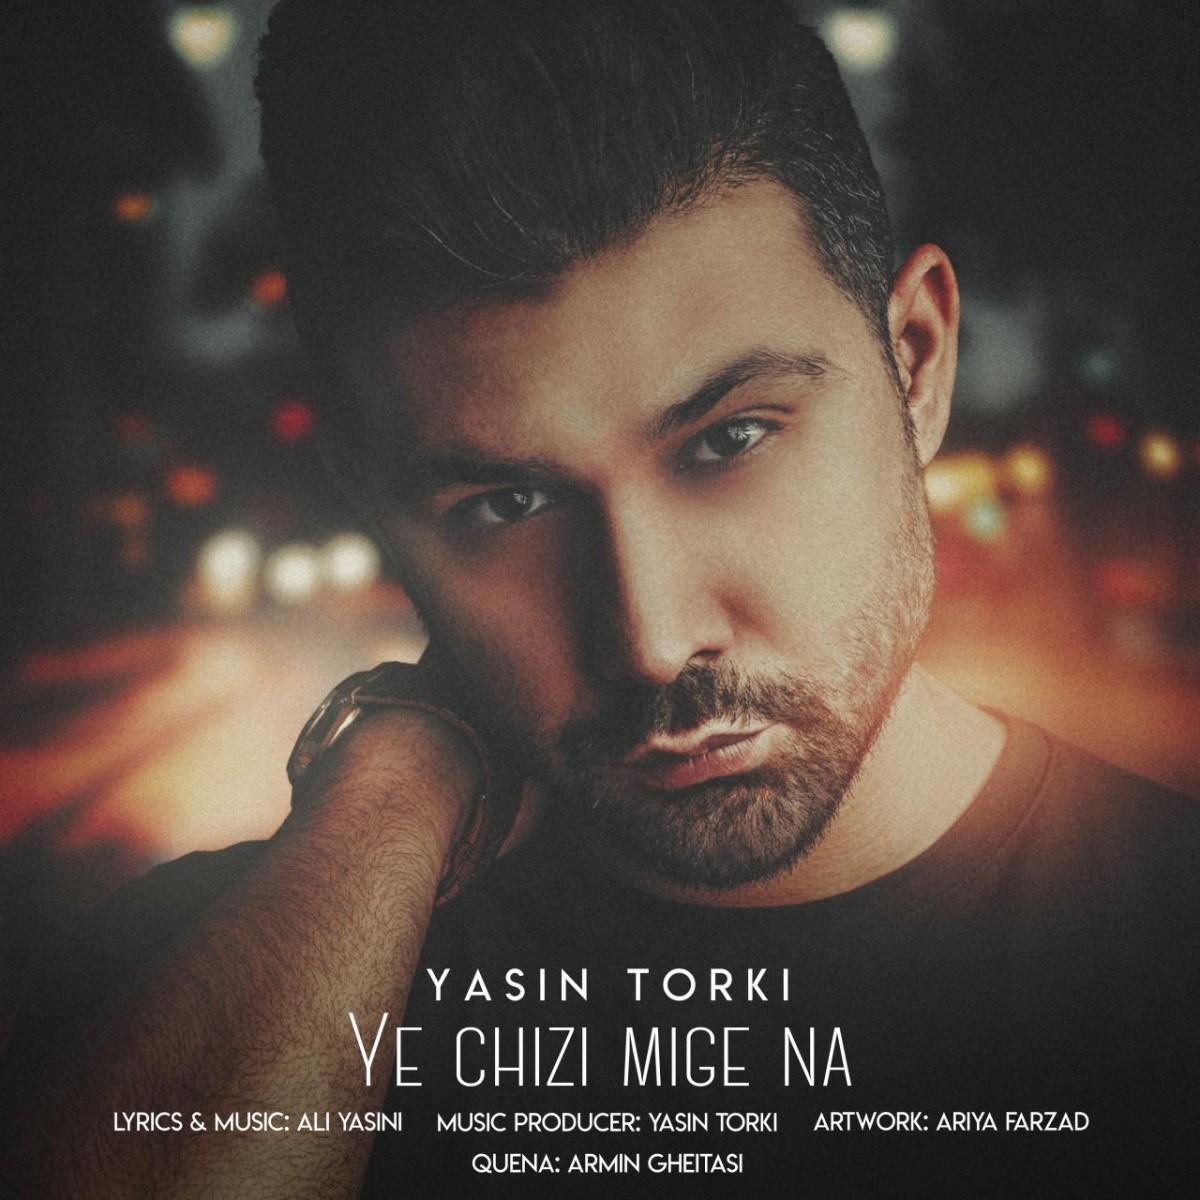 نامبر وان موزیک | دانلود آهنگ جدید Yasin-Torki-Ye-Chizi-Mige-Na